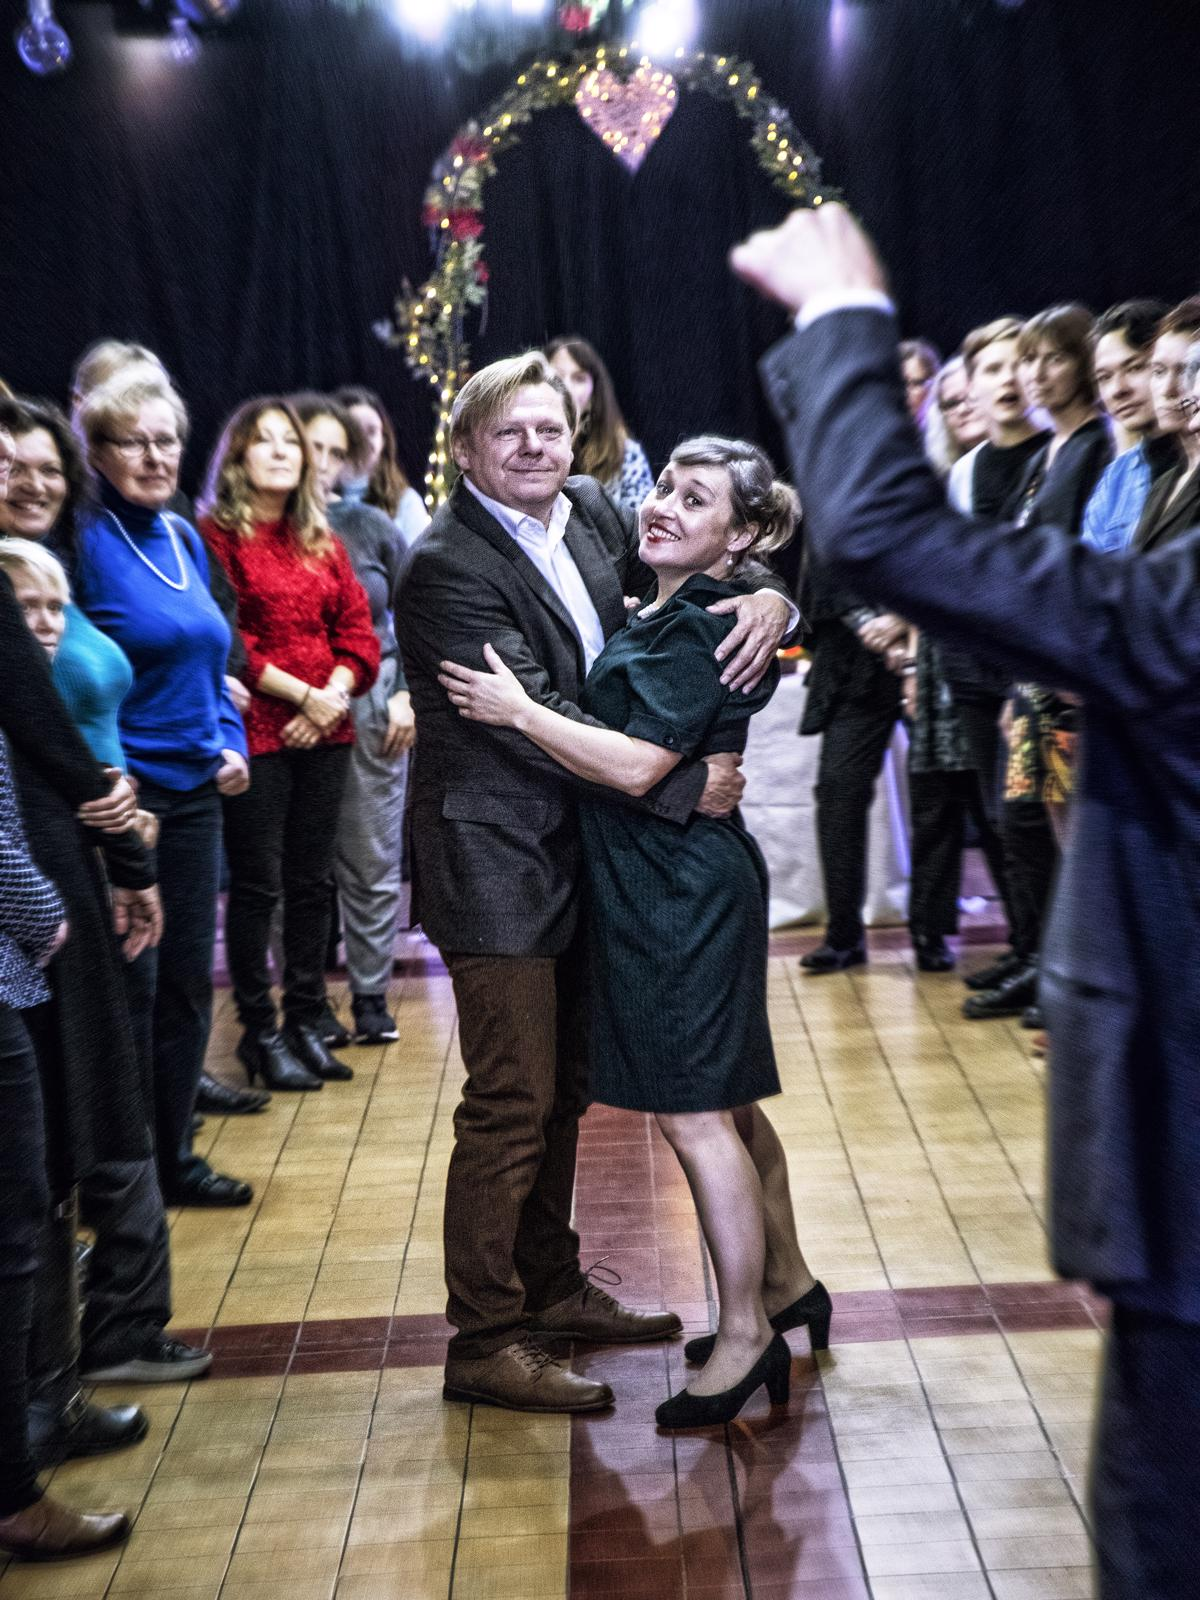 Anmeldelse: Dødsdansen 3.0, Teater Insite, Teater TVAZZ og Teatergrad